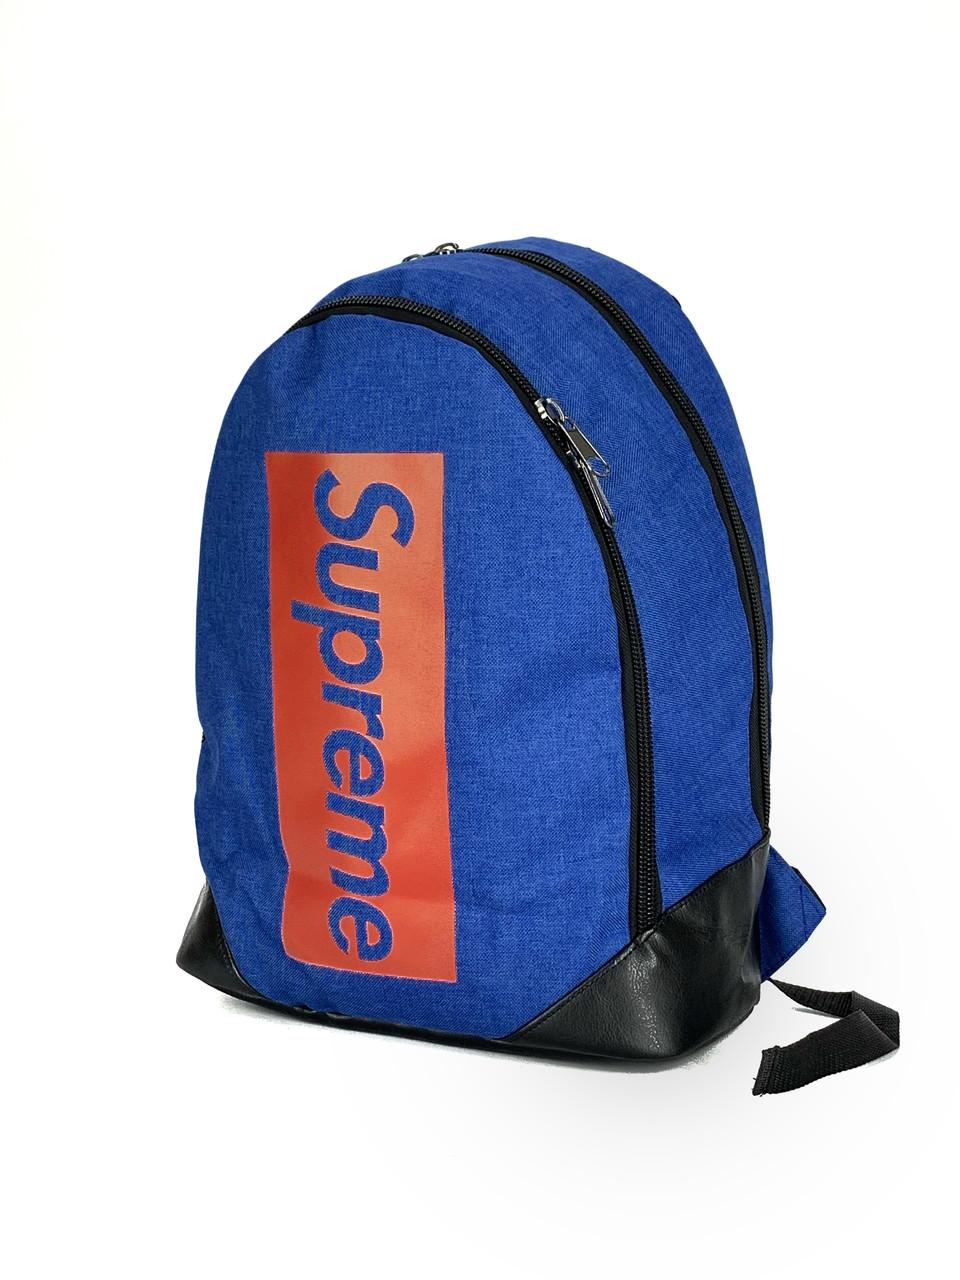 Рюкзак Supreme чоловічий, жіночий Супрім, синій електрик